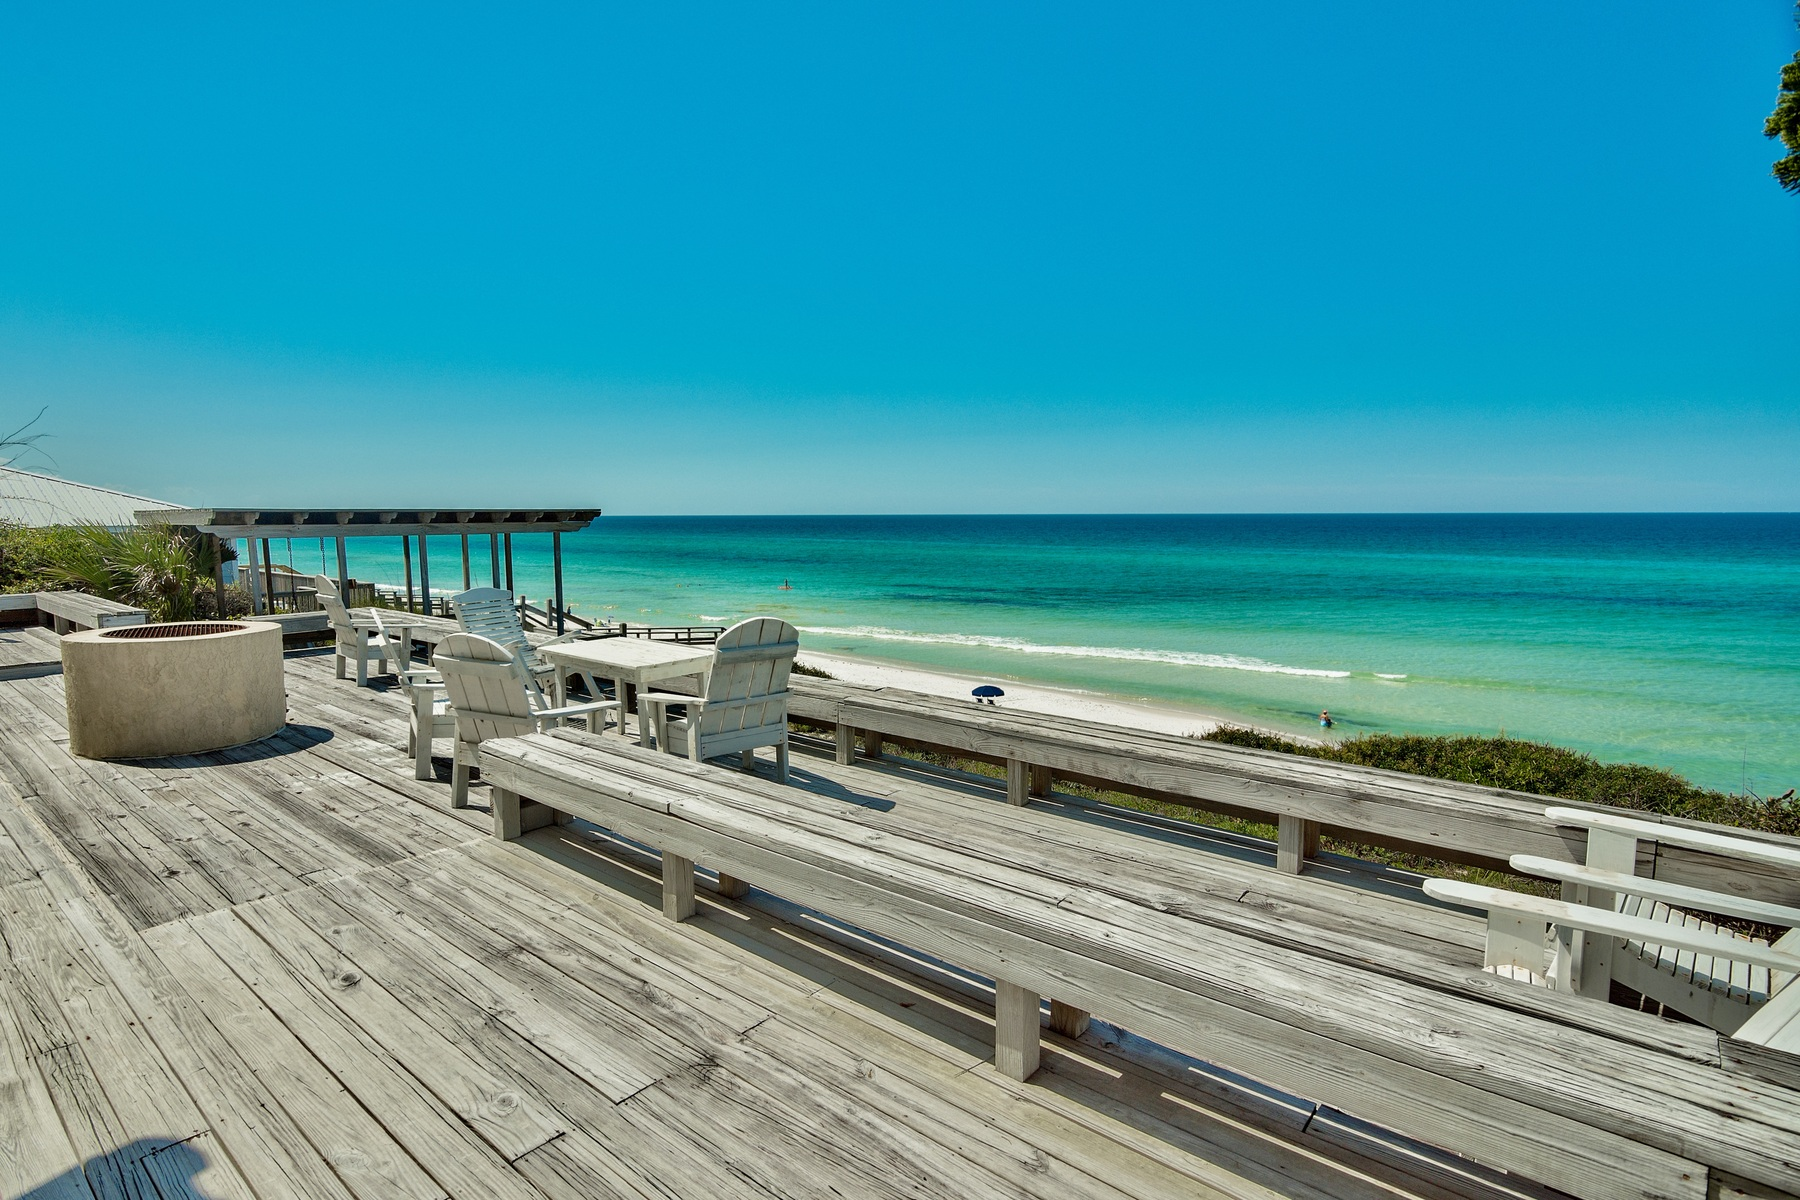 أراضي للـ Sale في RARE GULF FRONT PROPERTY WITH PRIVATE STAIRCASE LEADING TO BEACH 8186 E County Highway 30A Seacrest, Florida, 32461 United States